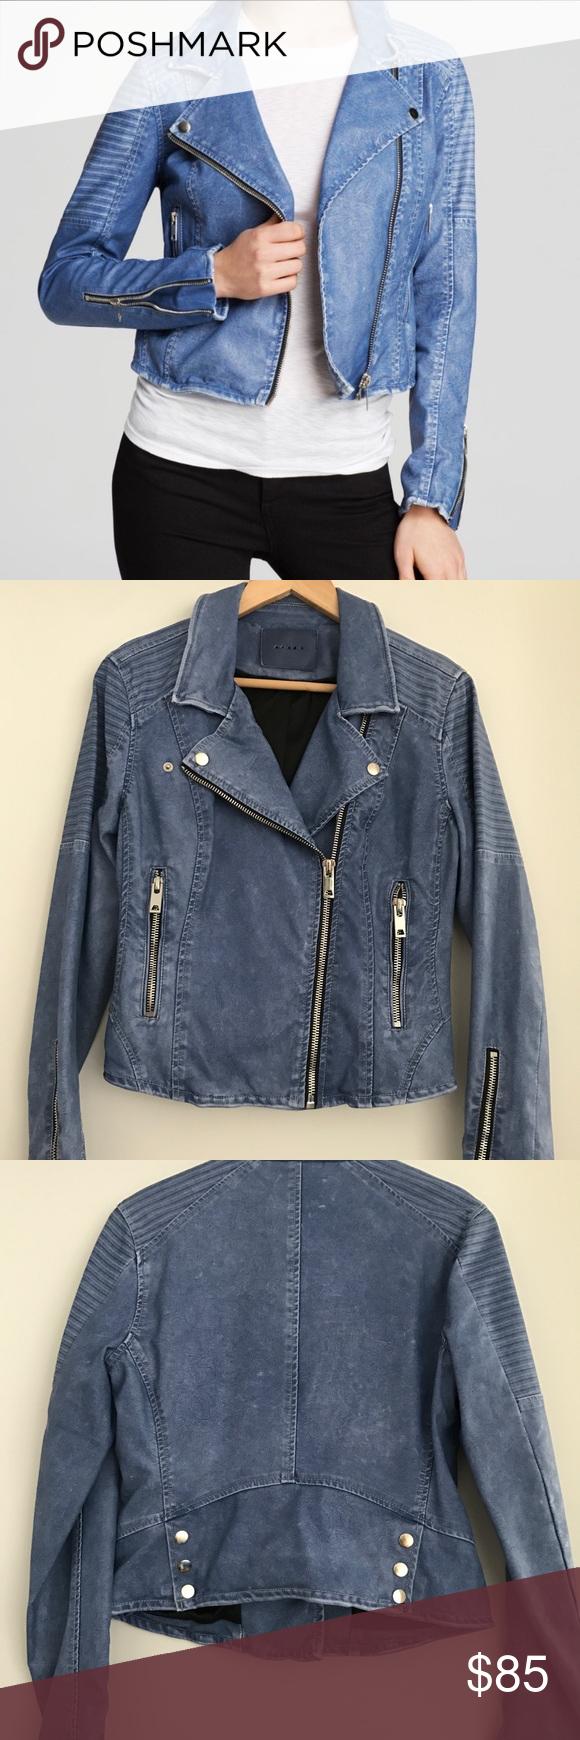 BLANKNYC Blue faux leather moto jacket Jackets, Faux